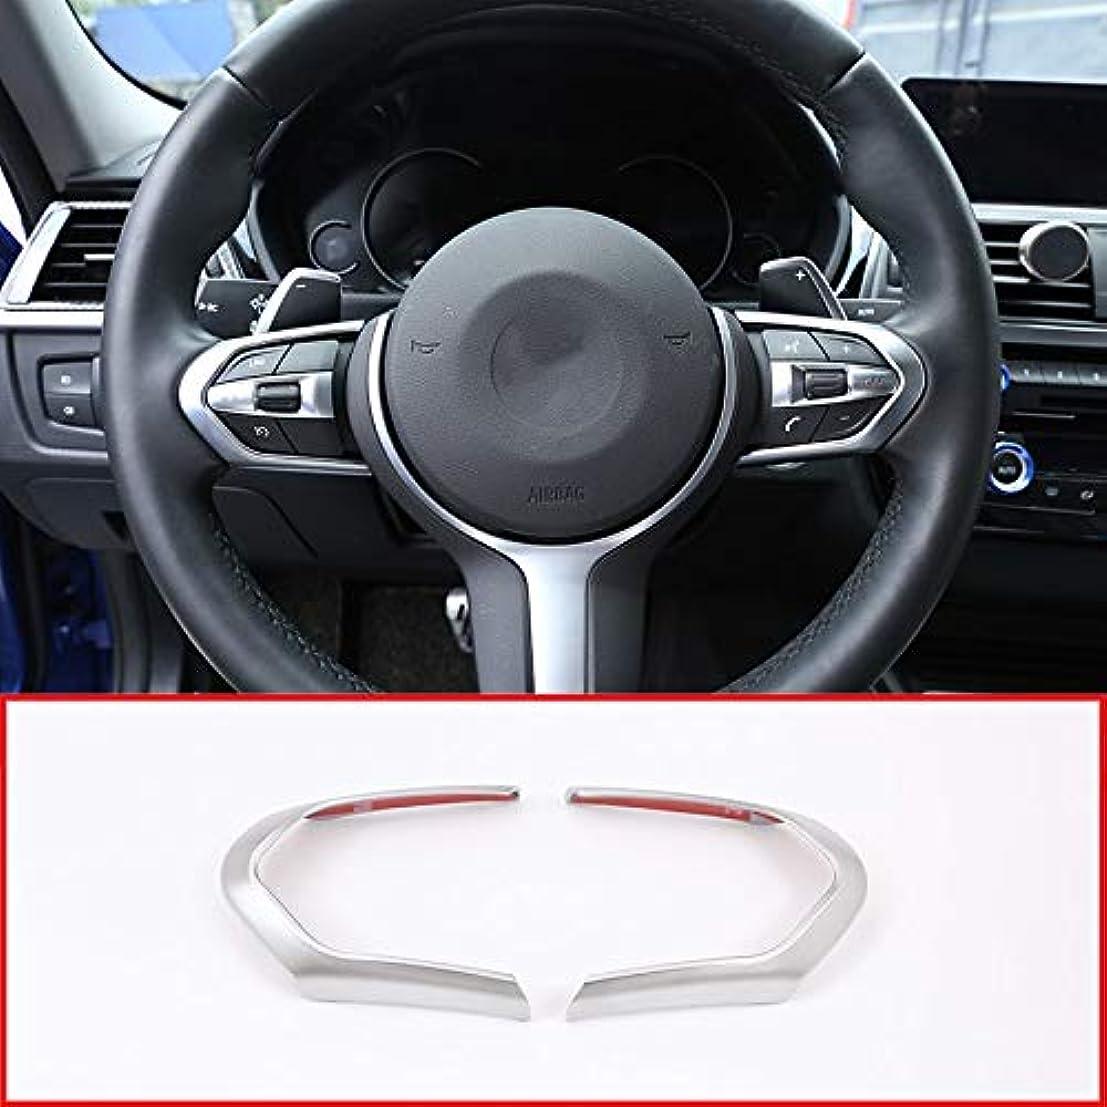 ガム致命的な一部For BMW M3 M4 M5 New 1 3 series X5M F10 F15 F16 X2 F48 F20 2018 Car ABS Chrome Steering Wheel Decoration Frame Cover Trim 2pcs